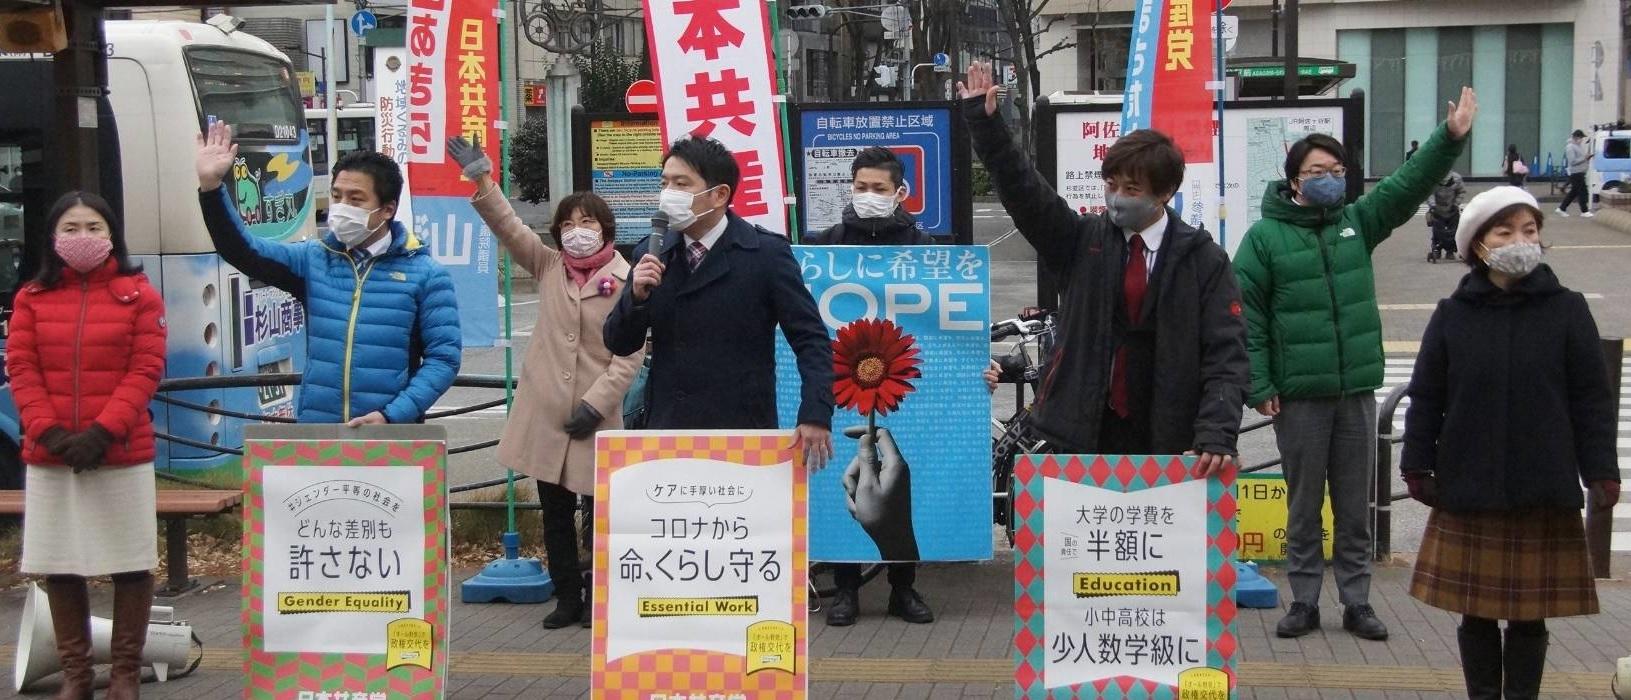 http://yamadakohei.jp/blog_upfile/2021%E6%96%B0%E5%B9%B4%E5%AE%A3%E4%BC%9D.jpg